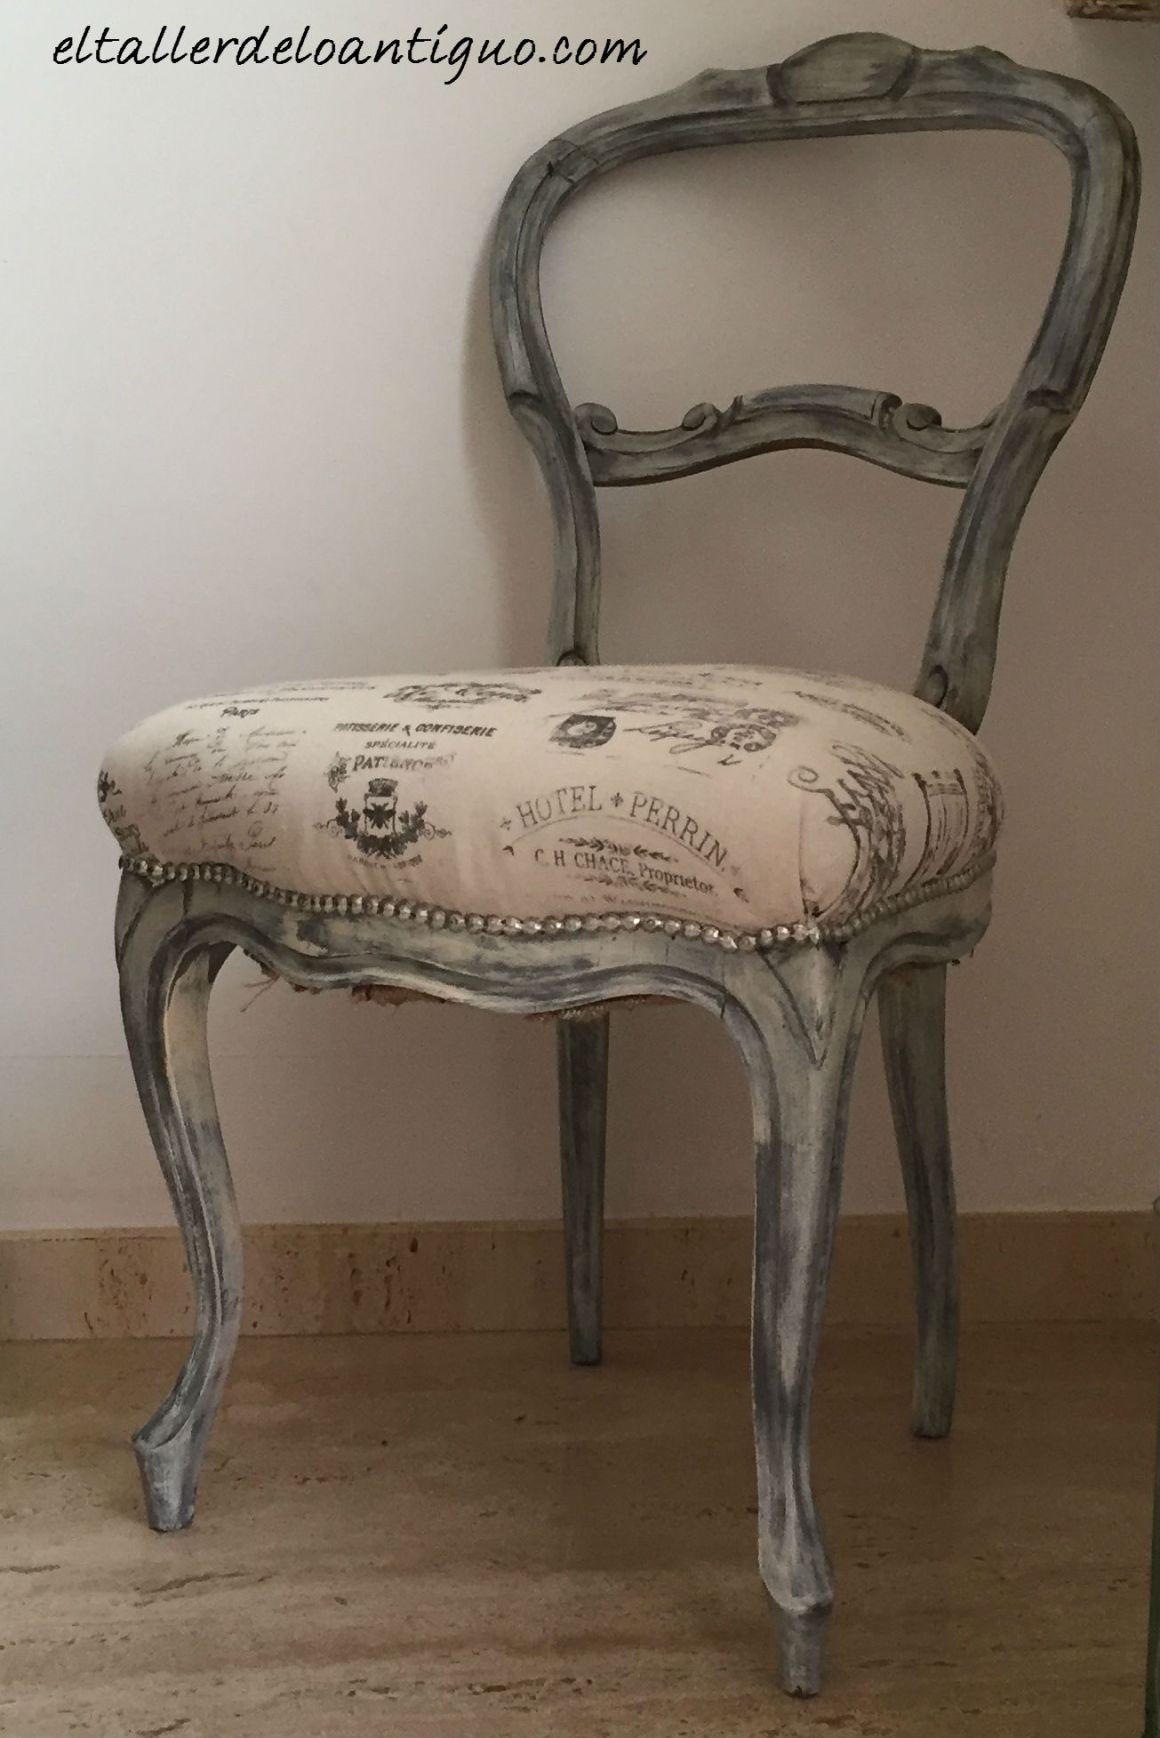 Transfers en tela la madera parte 2 el taller de lo - Materiales para tapizar una silla ...